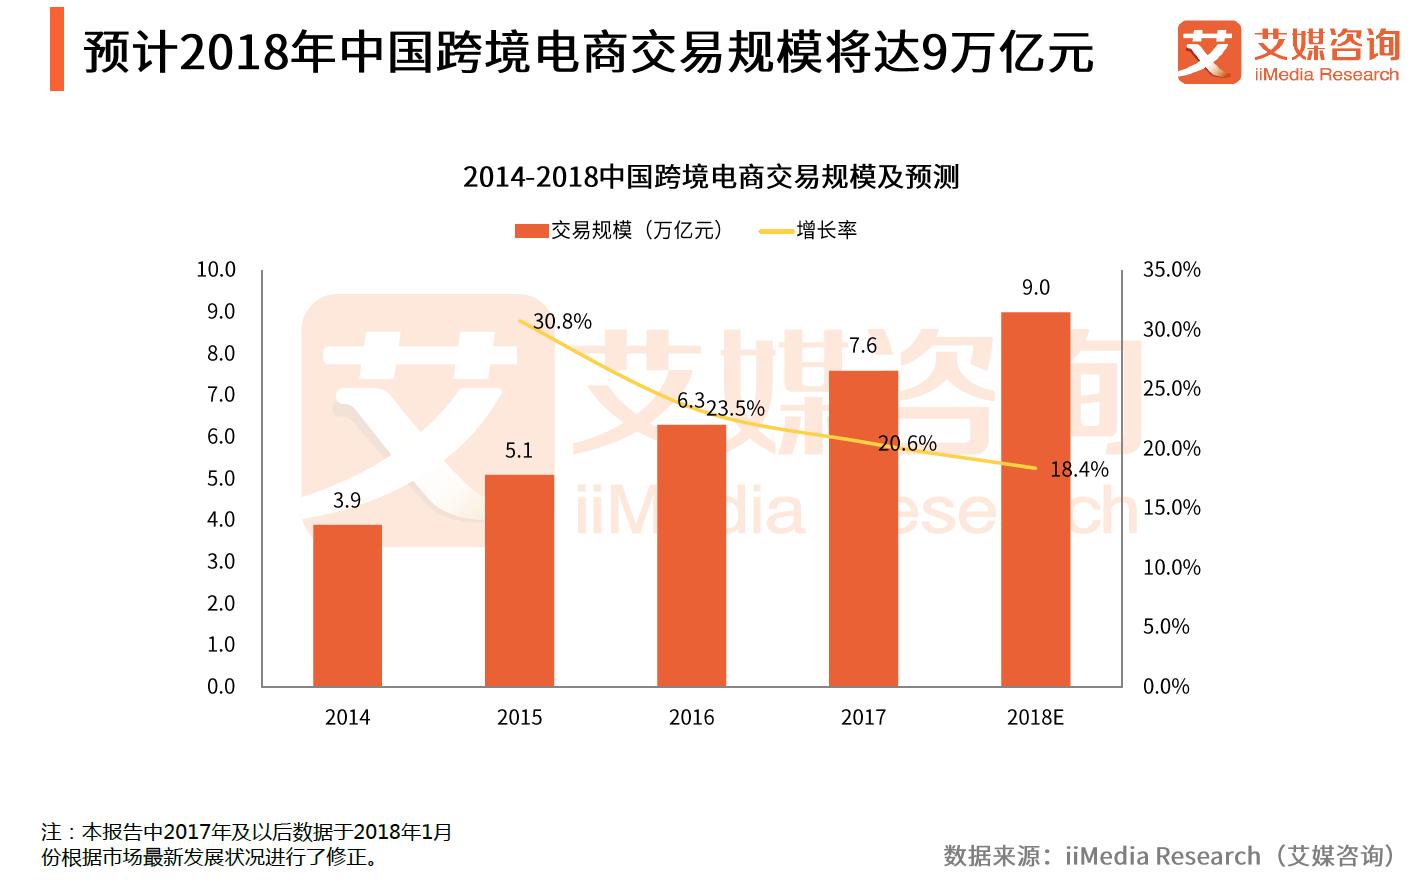 跨境电商发展趋势前瞻:2018交易规模或达9万亿元,网易考拉领跑市场